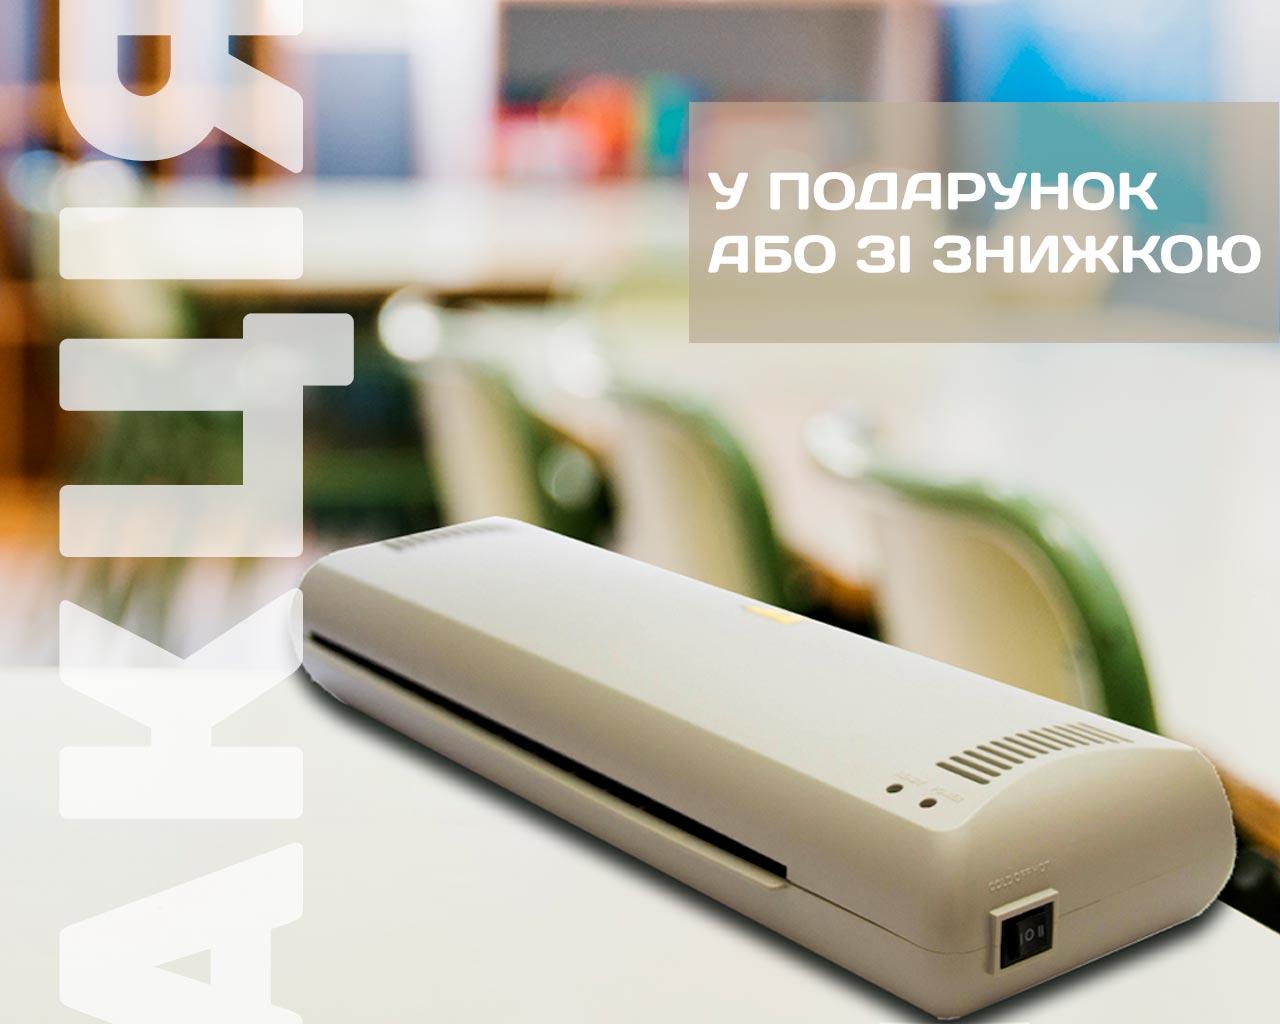 image__slide